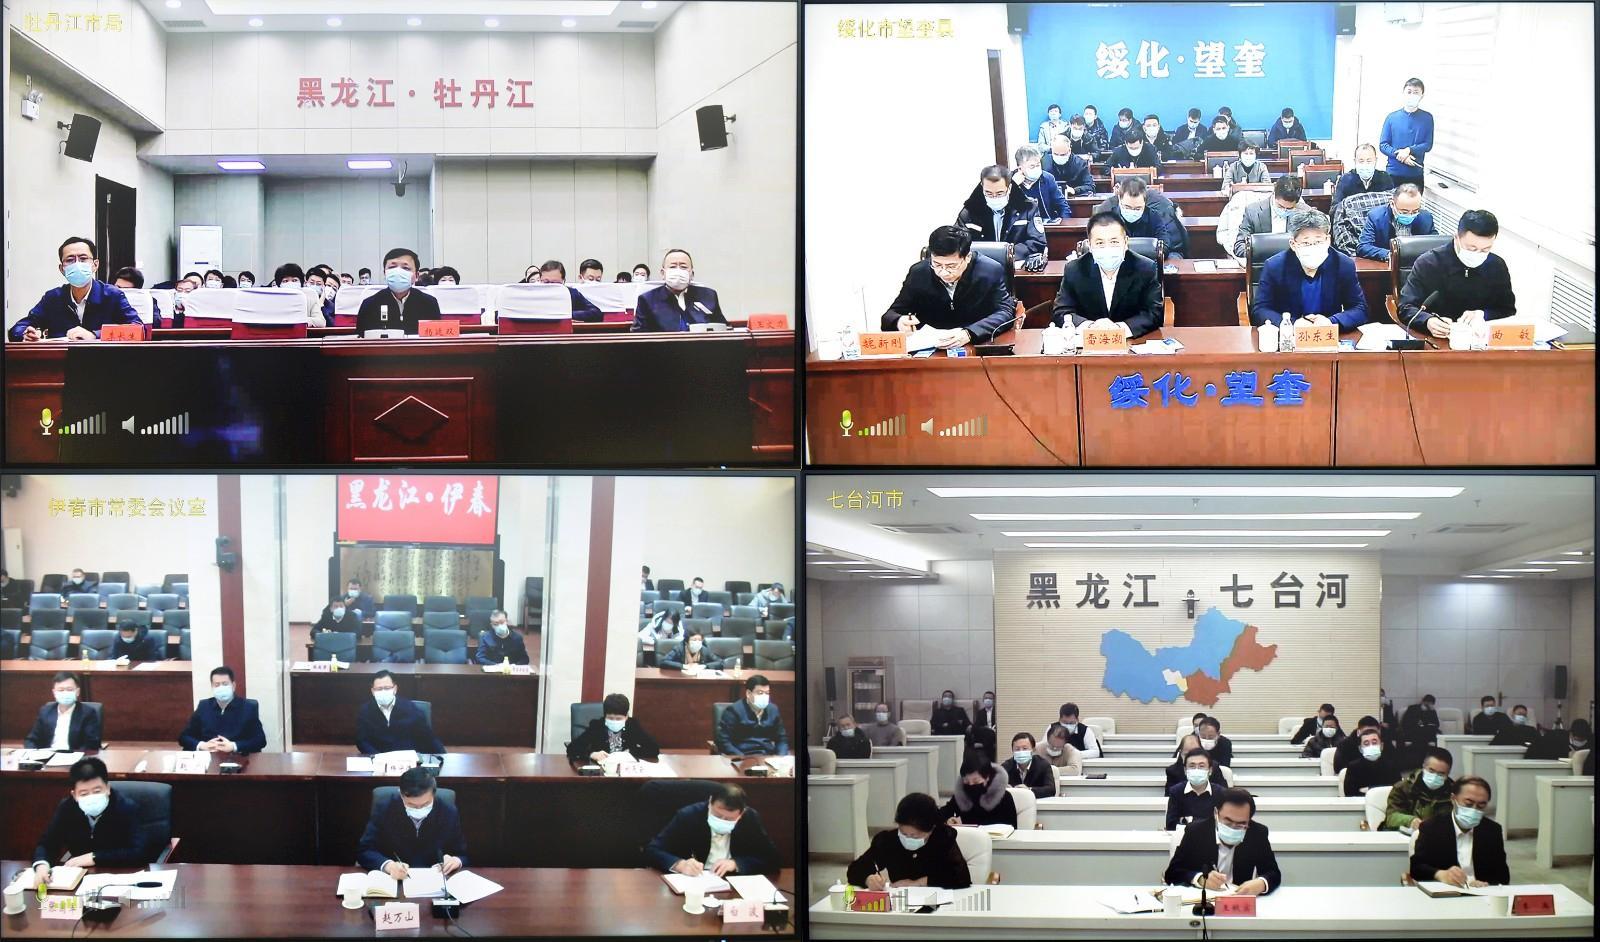 黑龙江省委书记请假赶回 连夜宣布全省进入应急状态